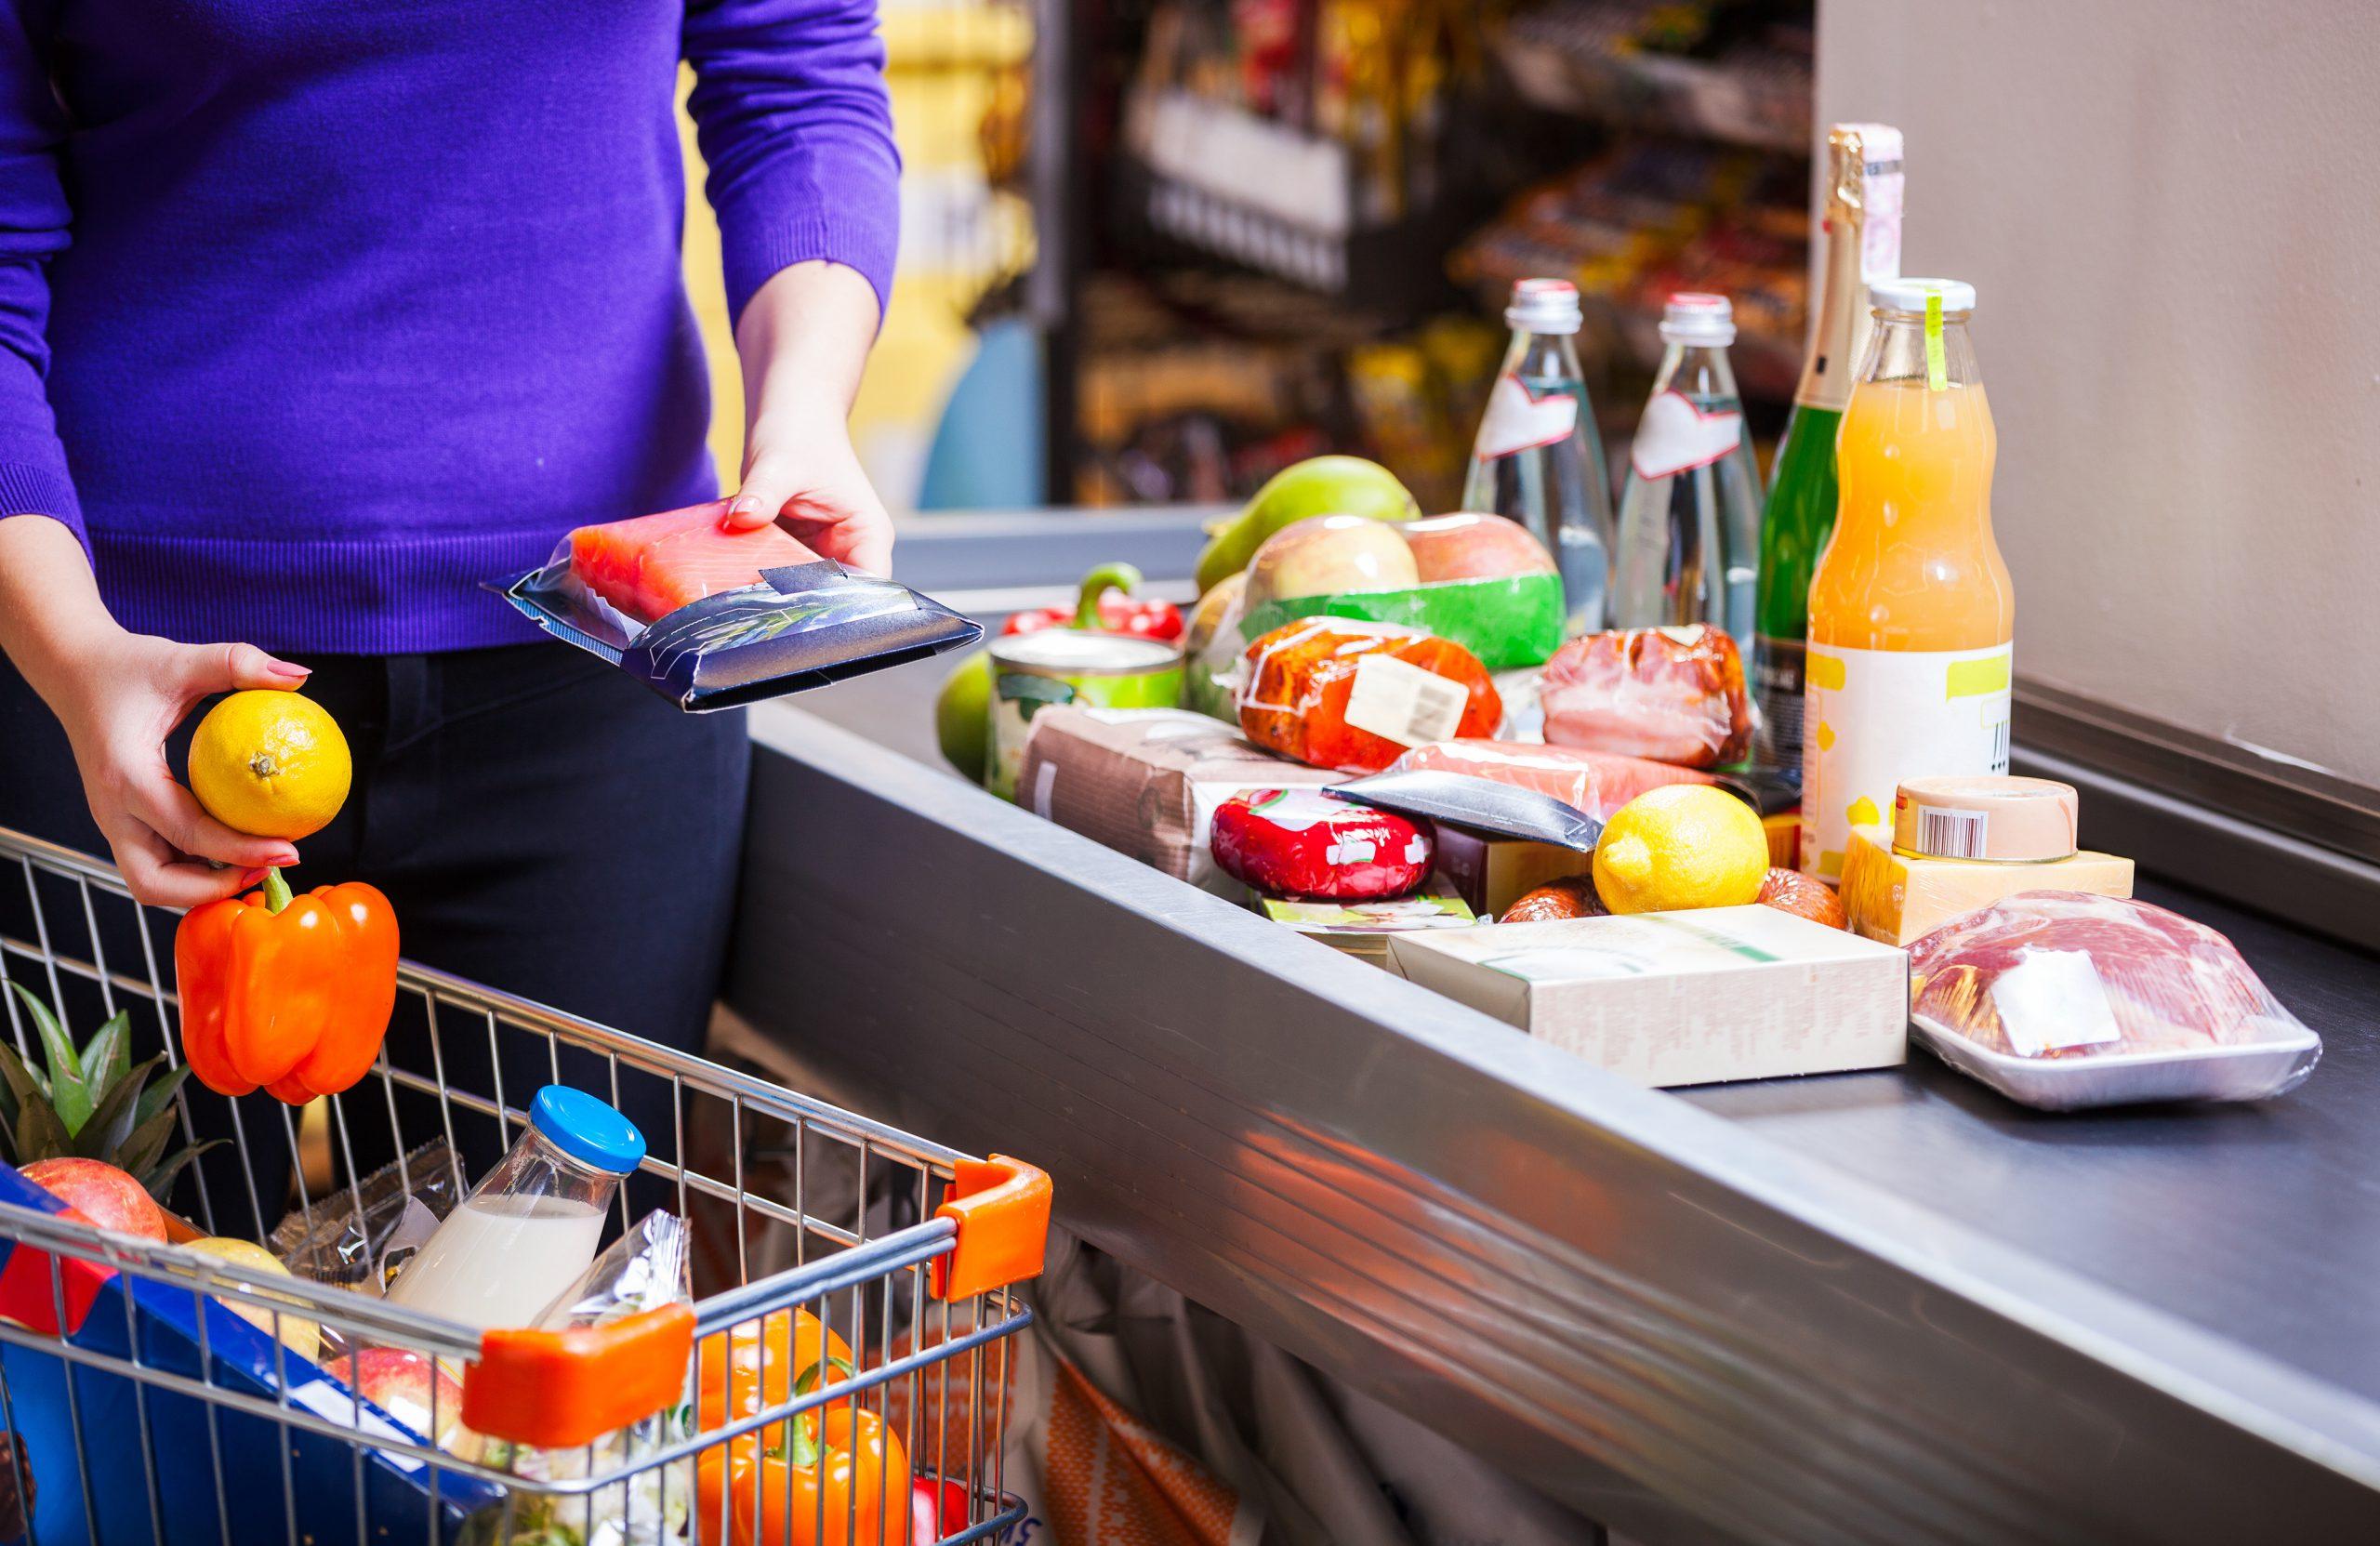 Świąteczne zakupy w sektorze spożywczym